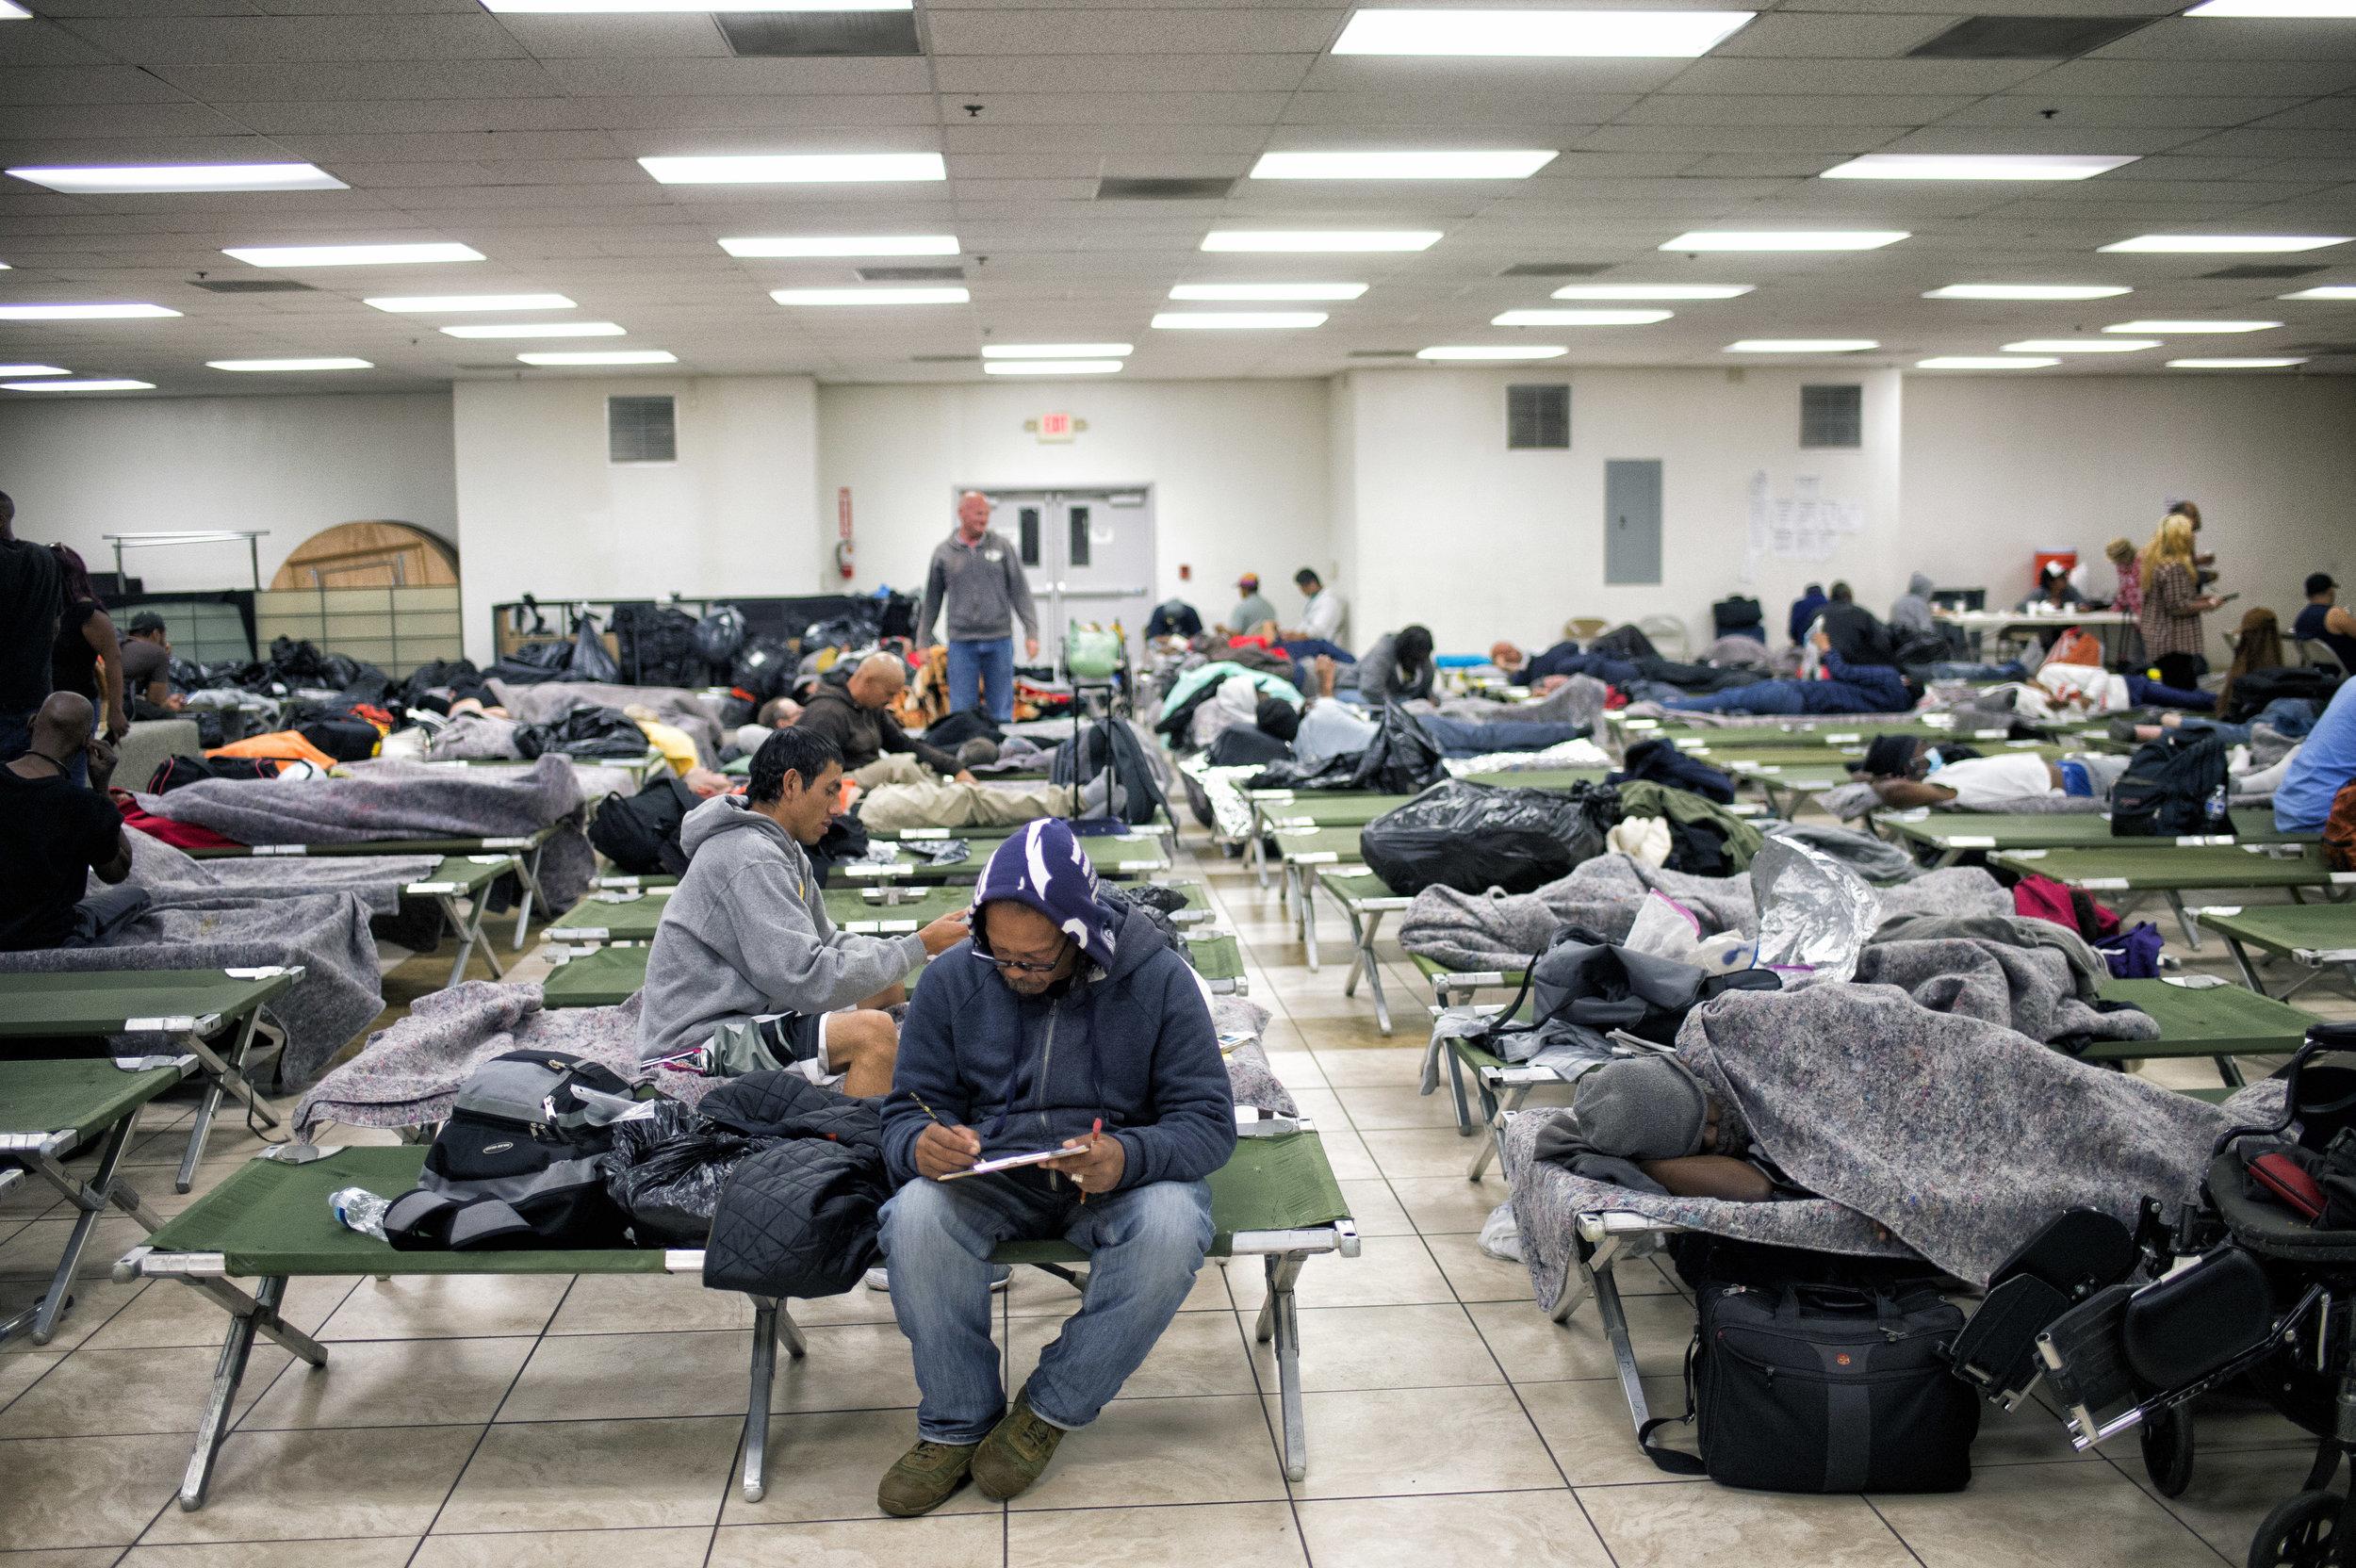 Shelter Association of Washtenaw County